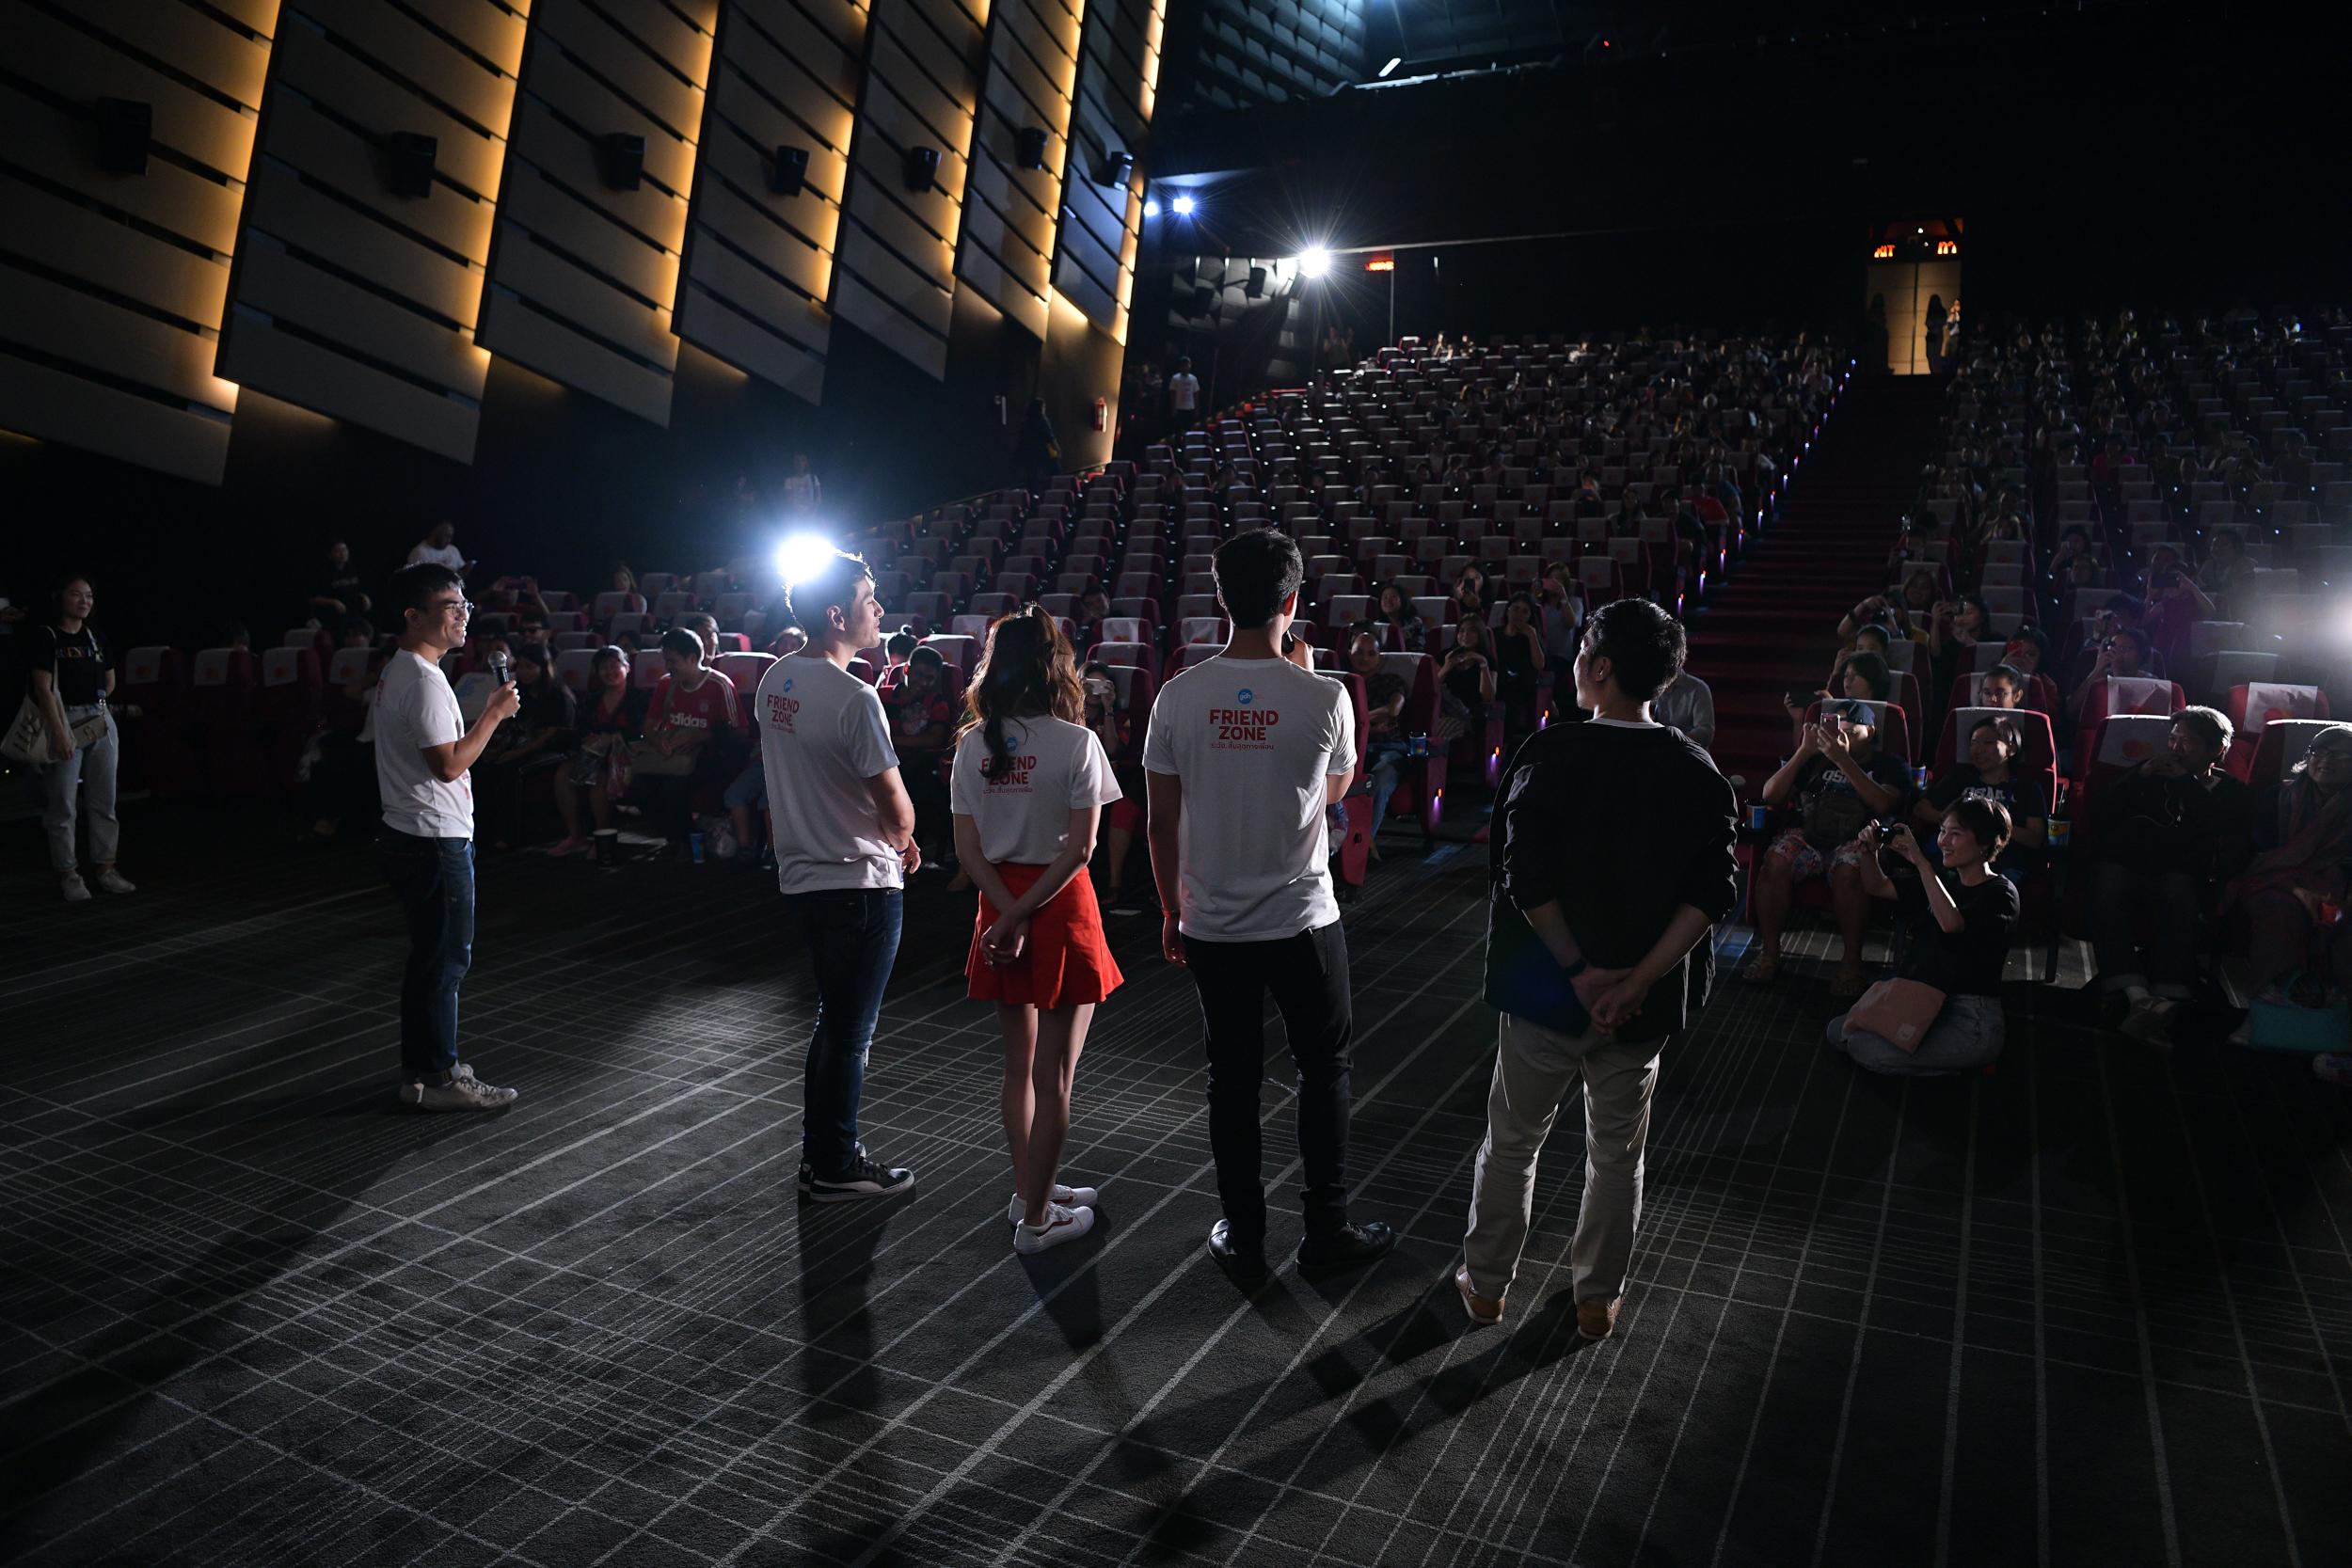 'นาย-ใบเฟิร์น' เซอร์ไพรส์คนดู ในรอบพิเศษหนัง 'Friend Zone' thaihealth